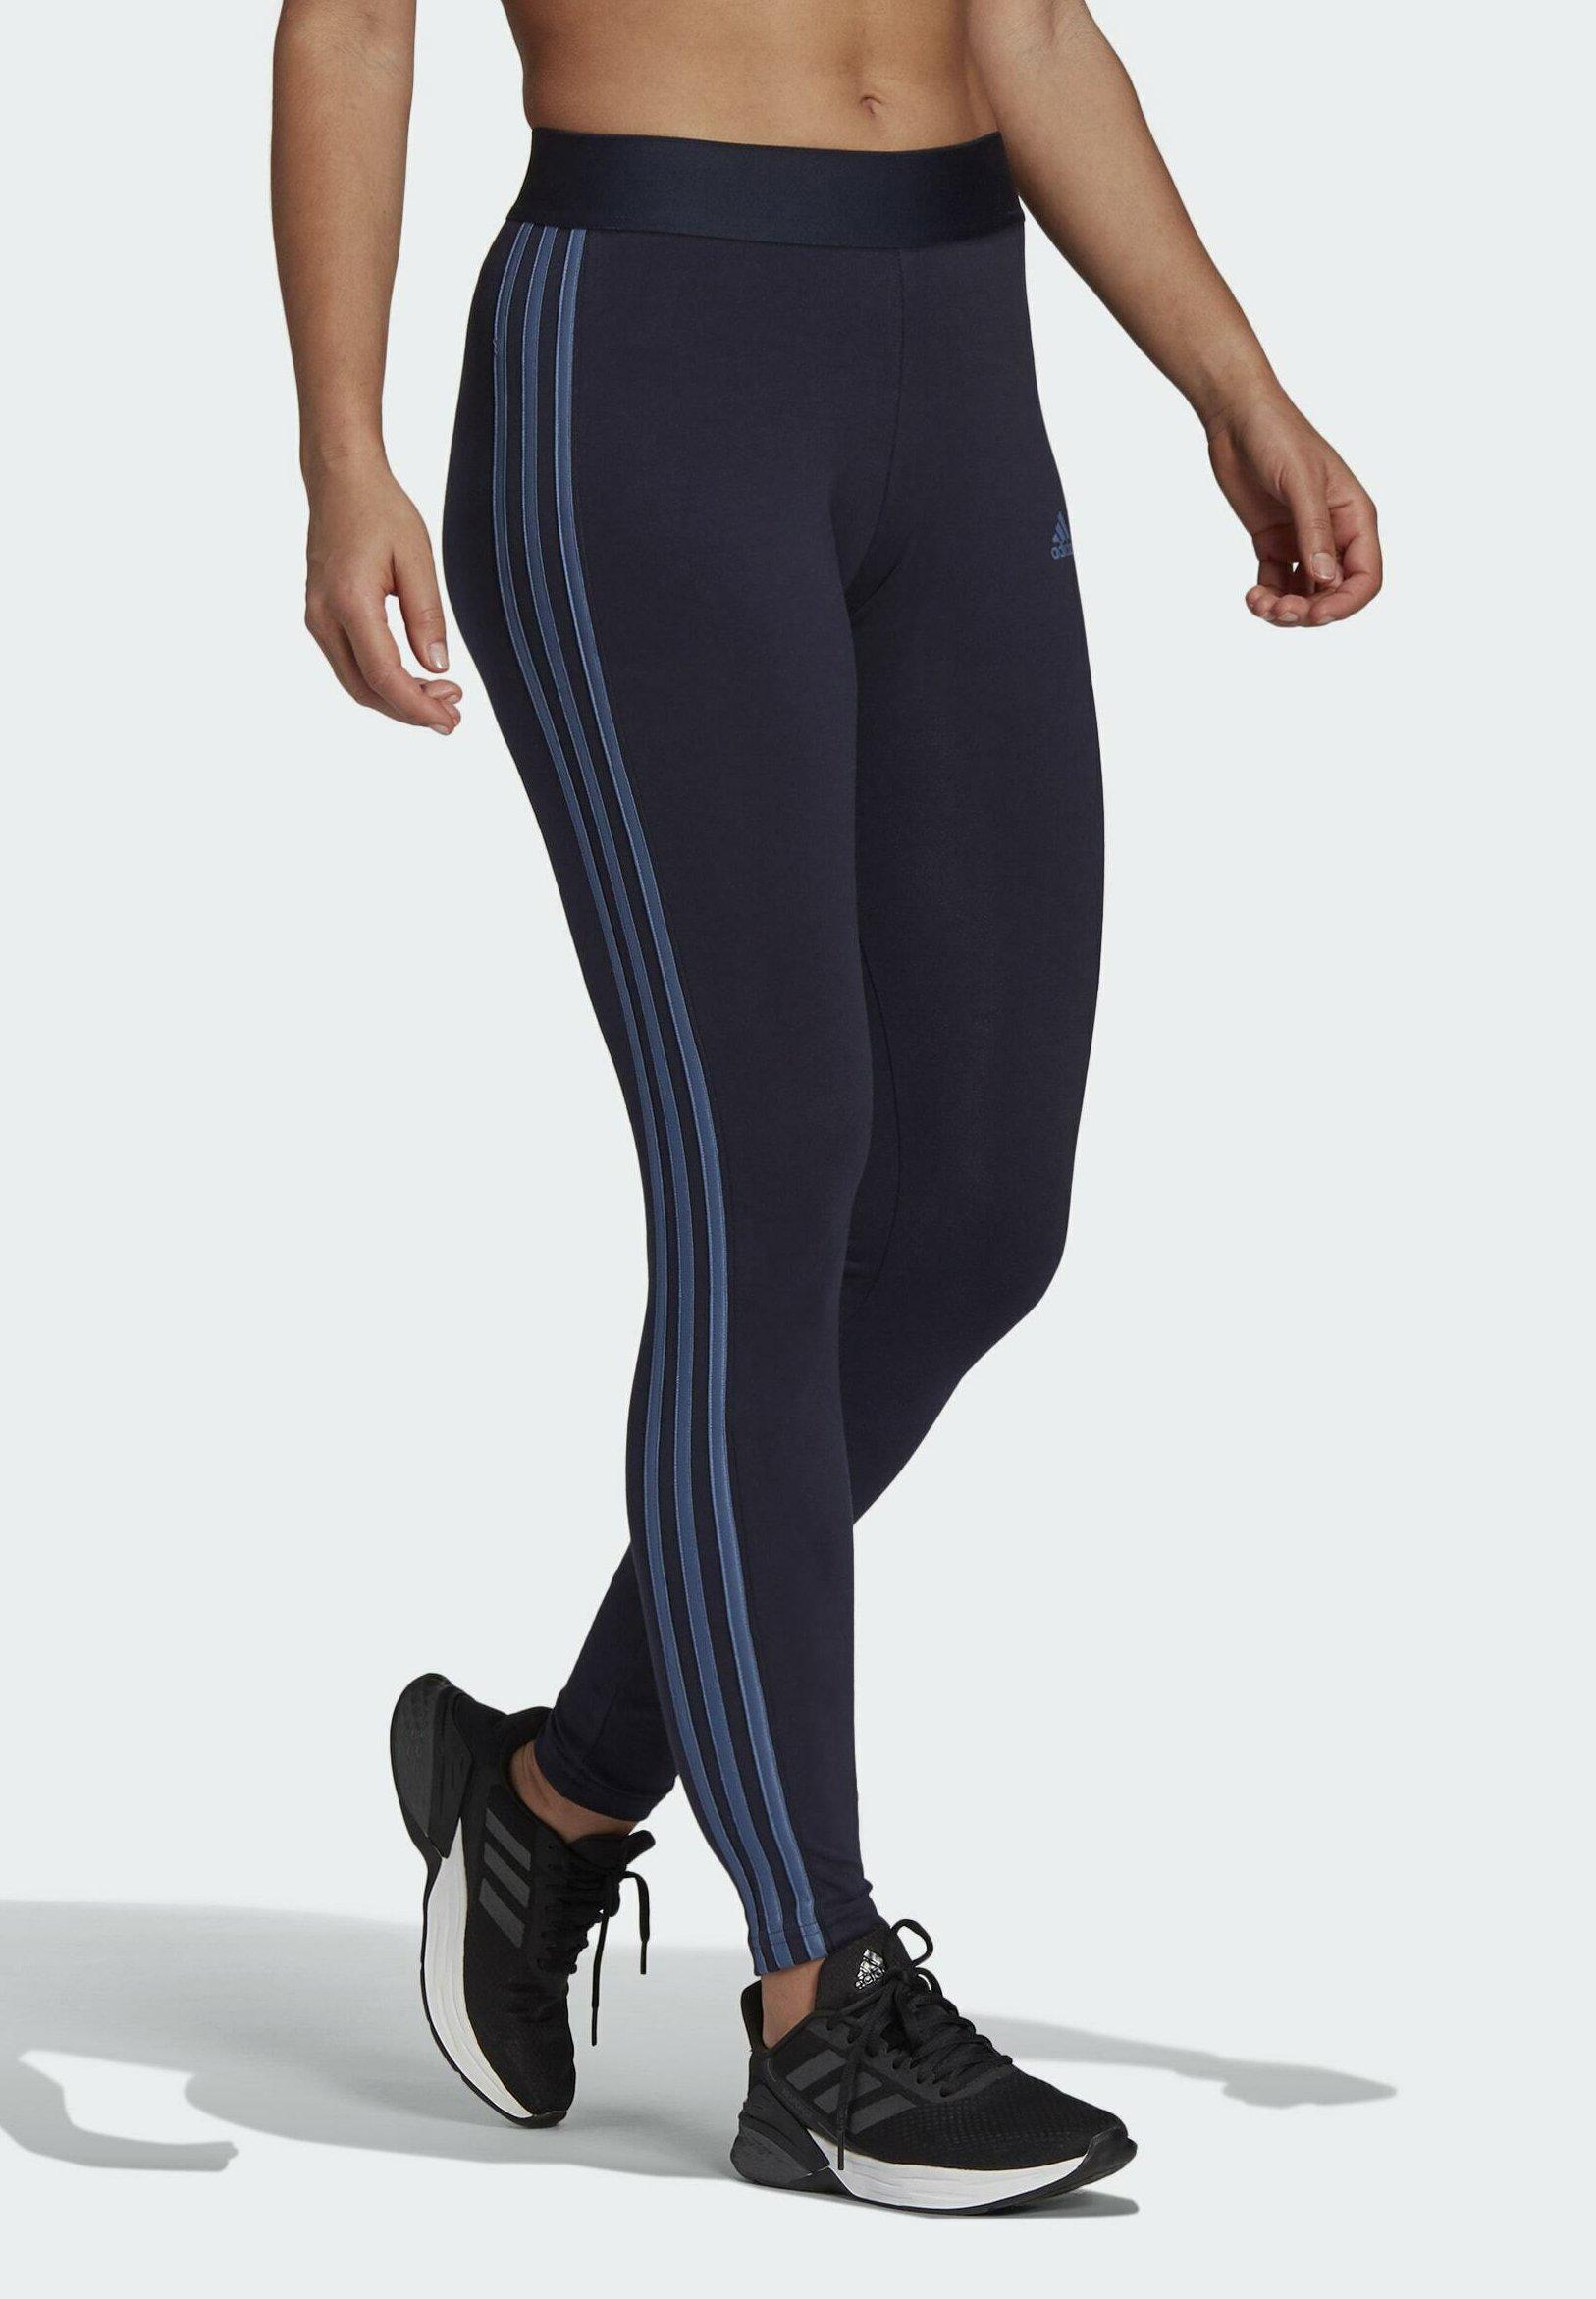 Femme ESSENTIALS 3-STRIPES LEGGINGS - Collants